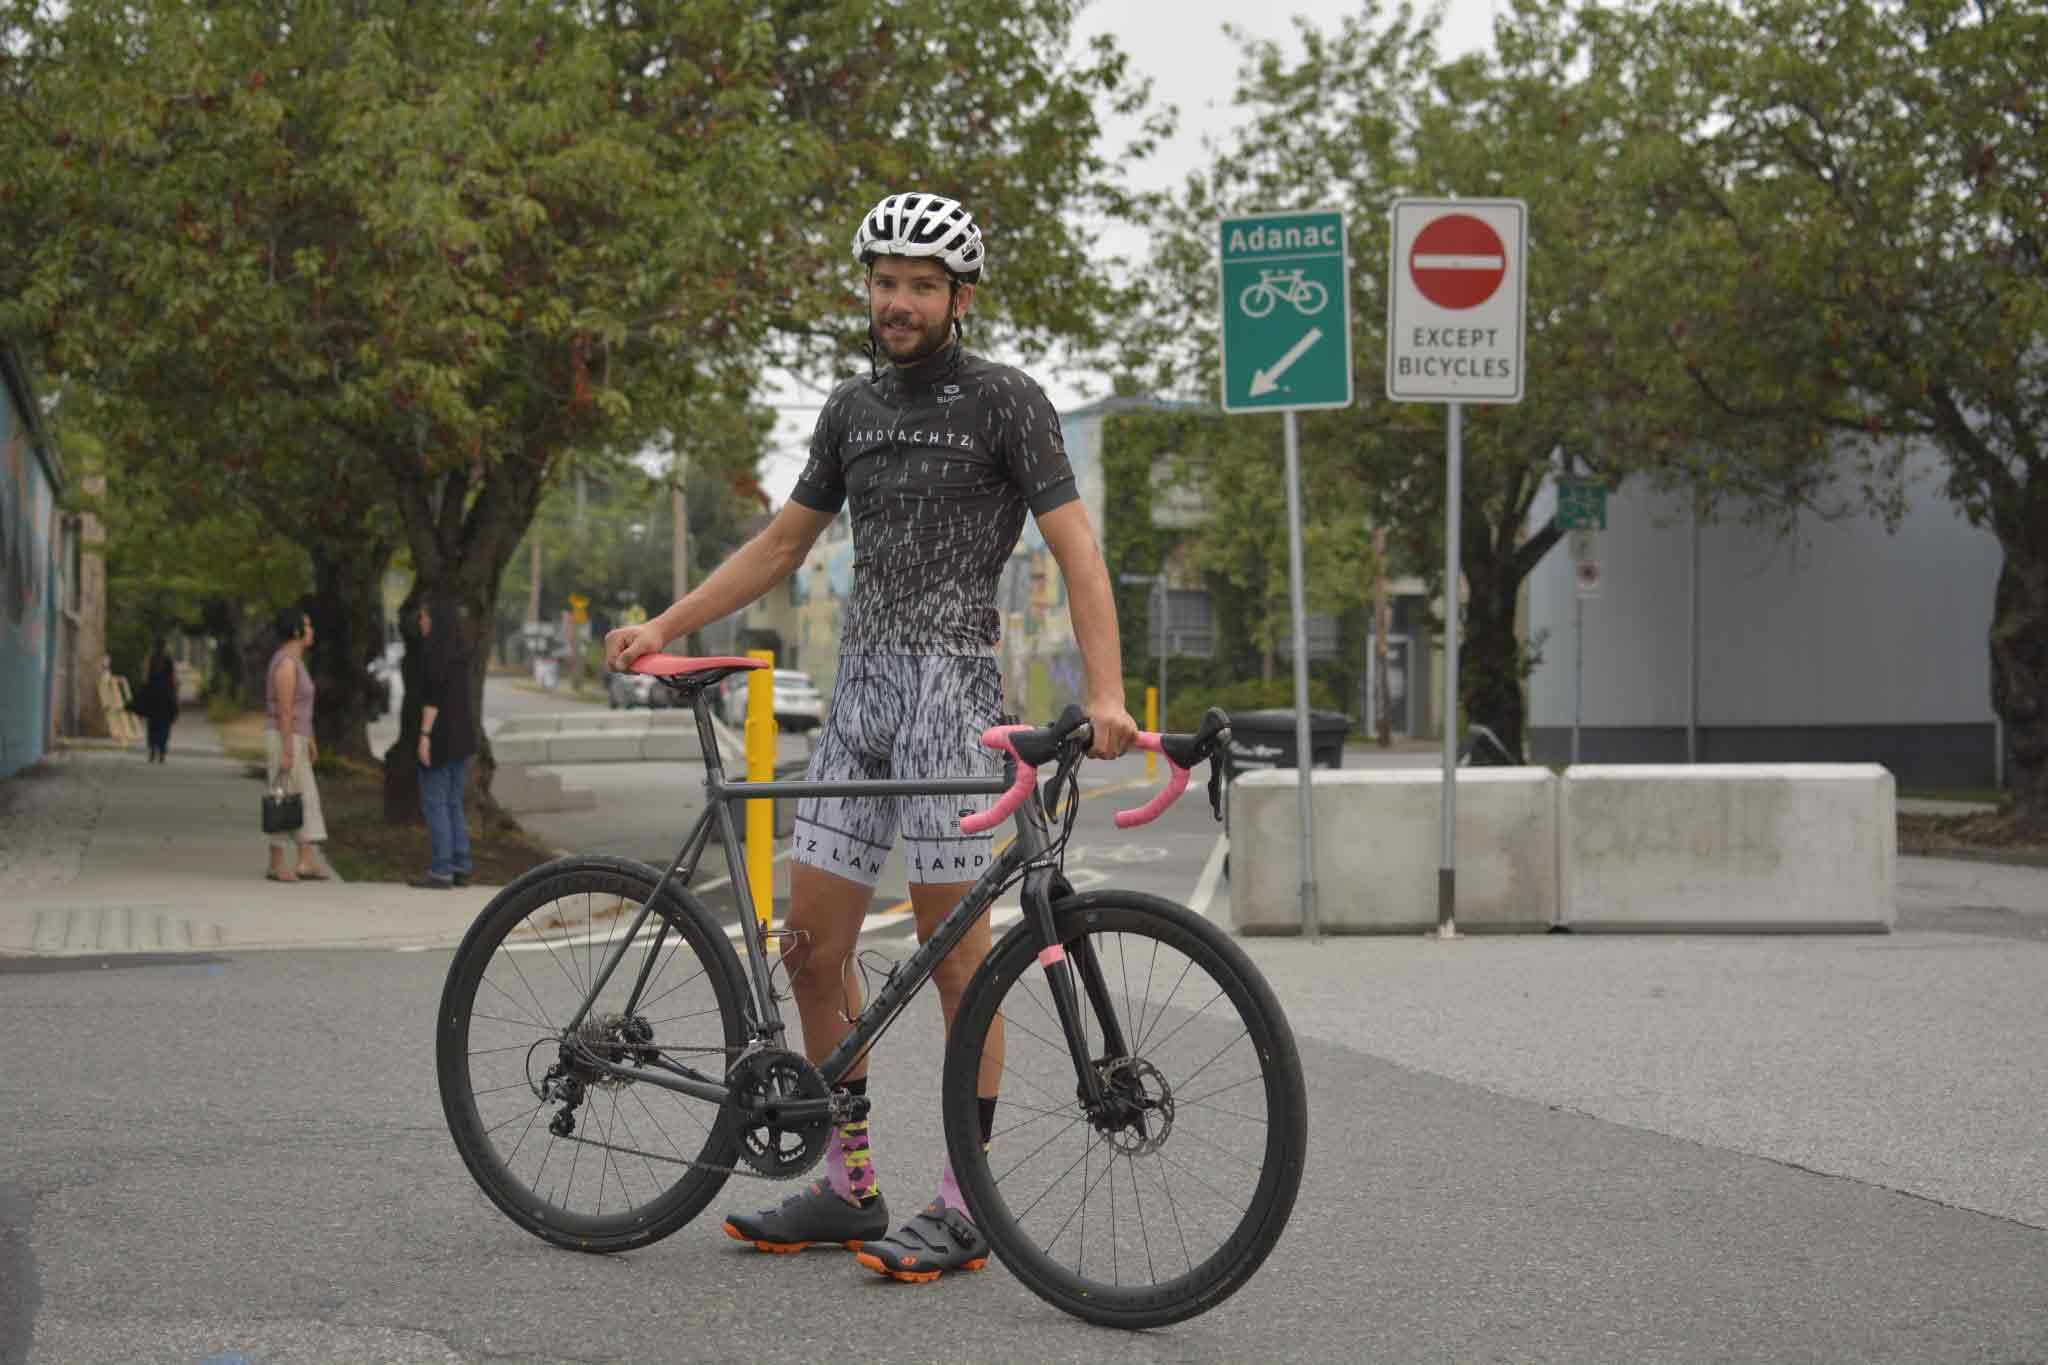 Travis-Strebb-Adanac-Landyachtz-Bikes-Million-Vertical-Feet